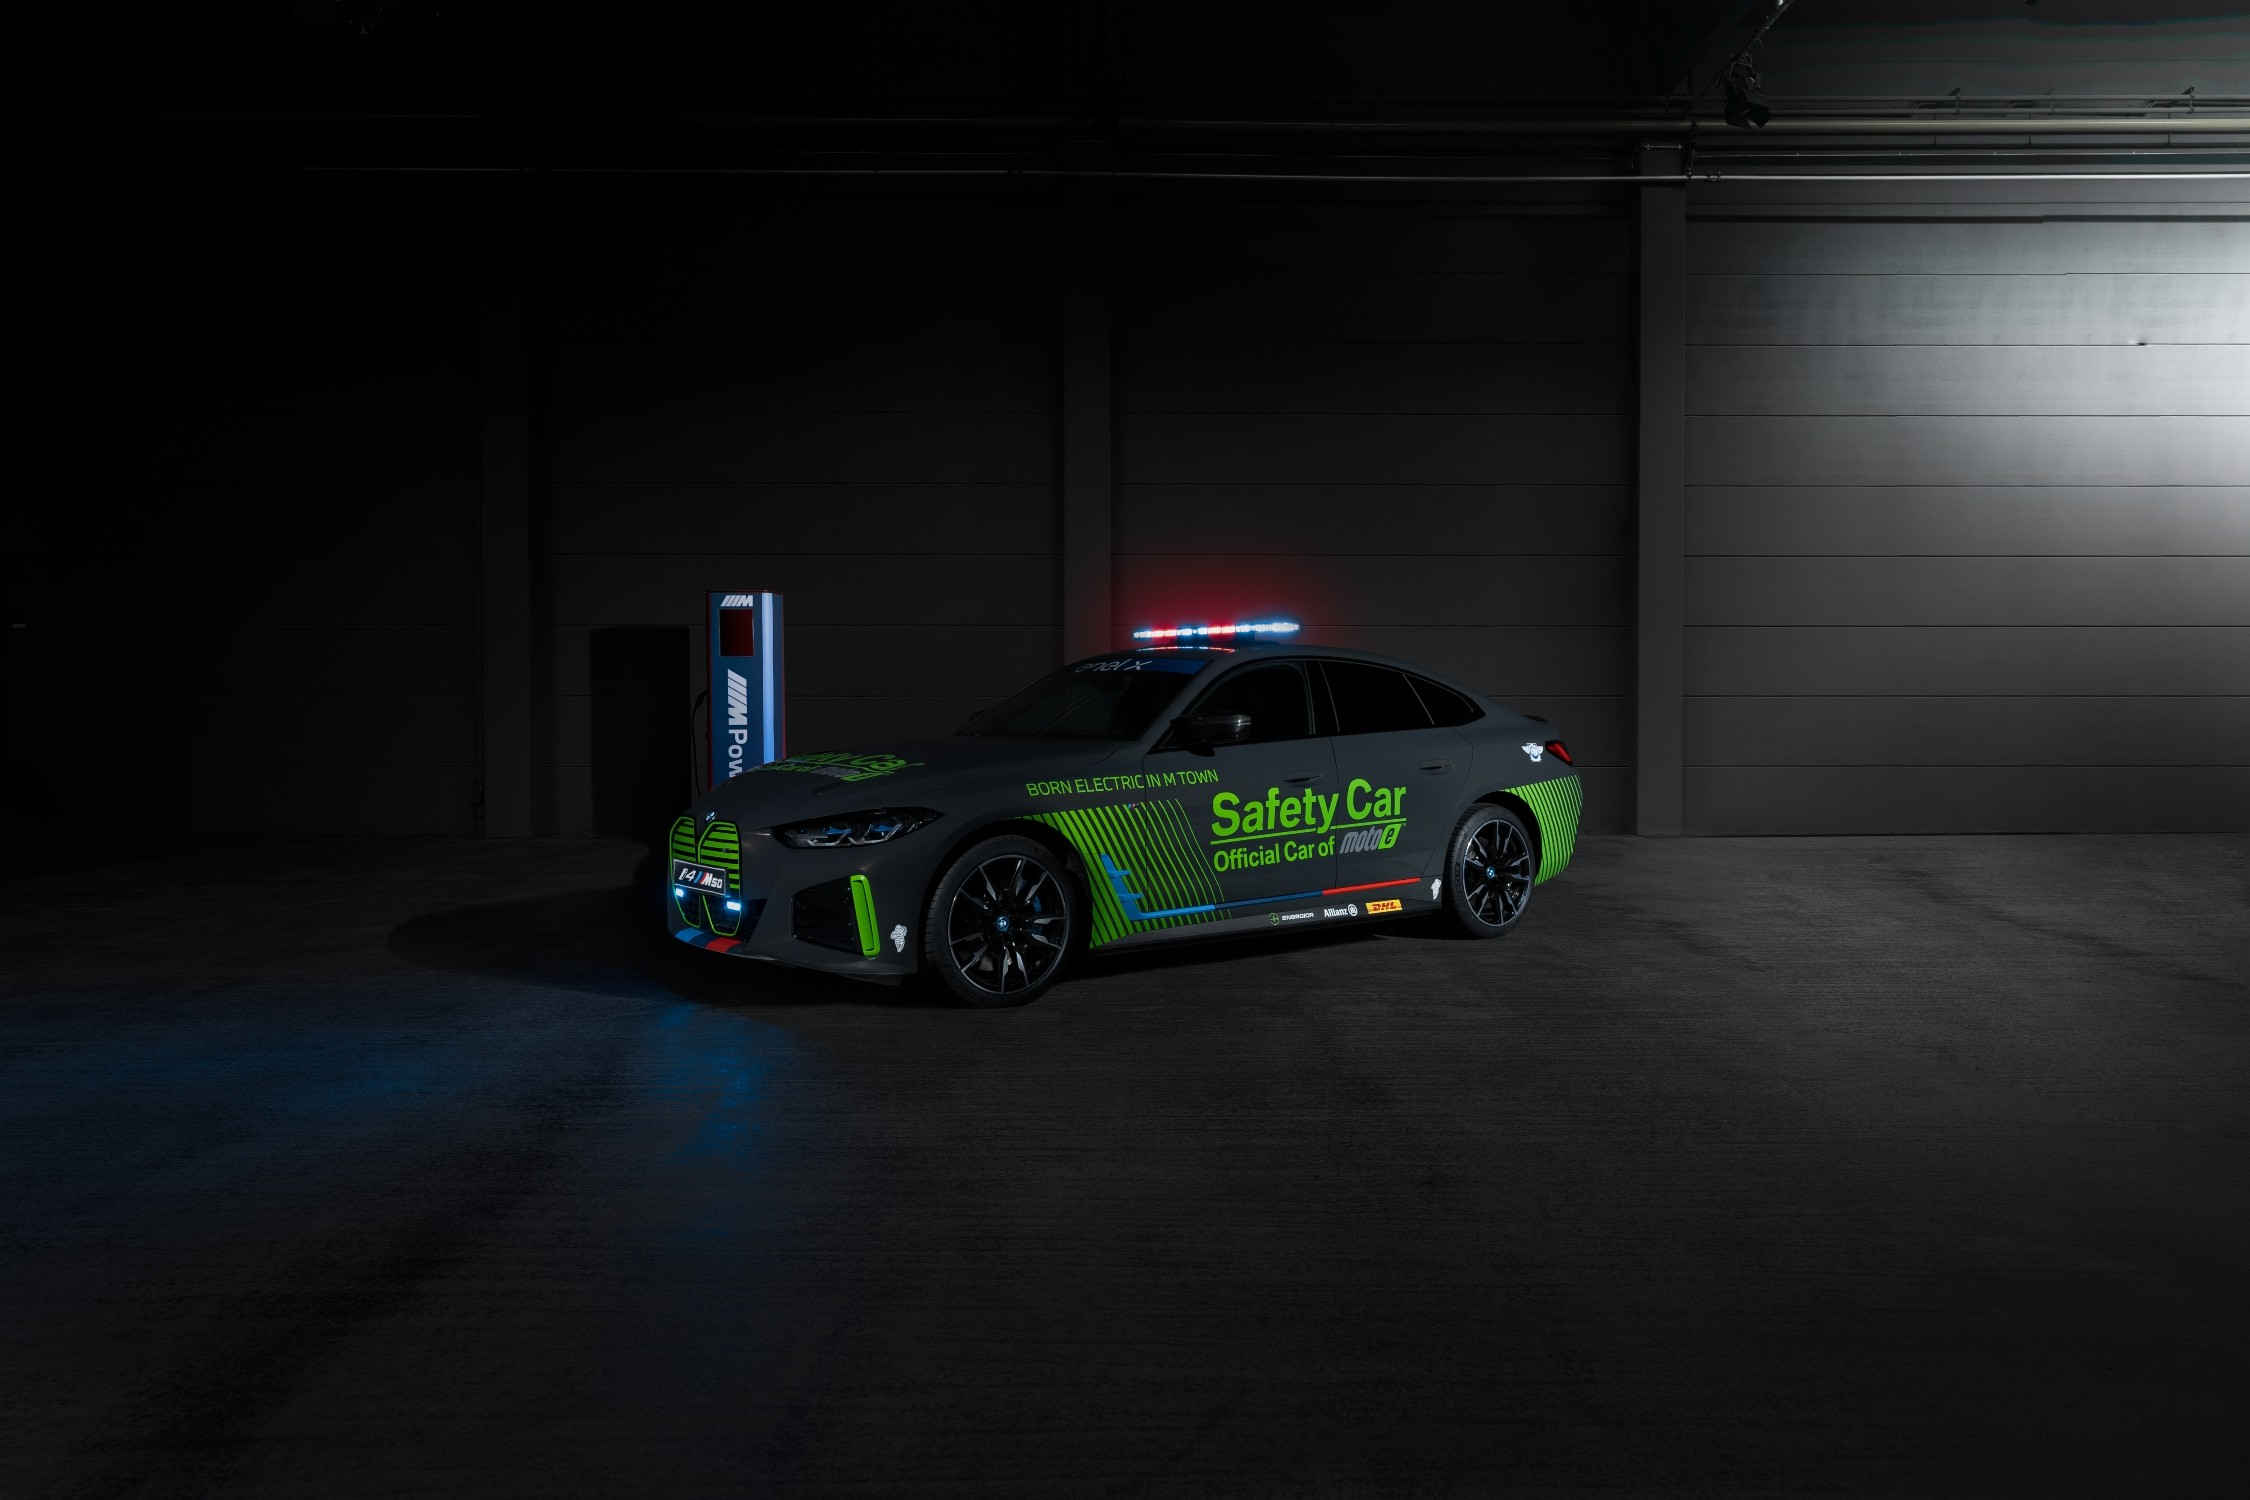 BMW M presenta el nuevo BMW i4 M50 Safety Car como coche oficial de MotoGP™